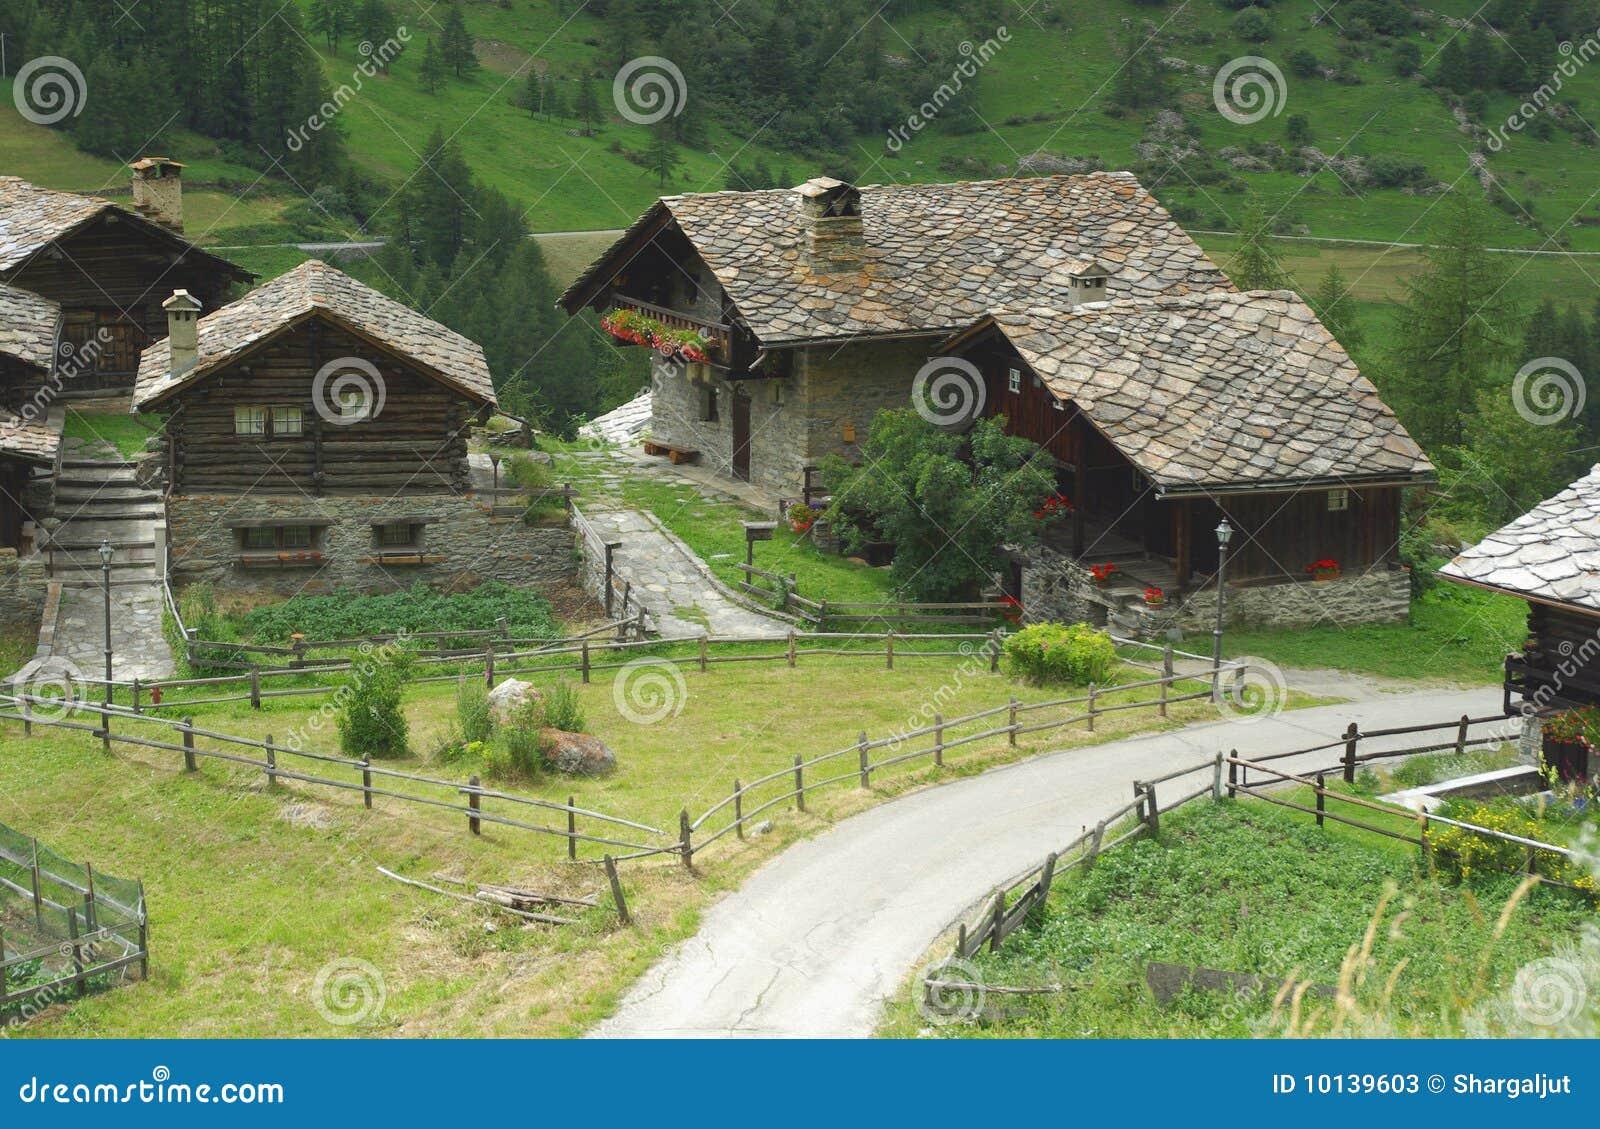 Case tradizionali italia immagine stock immagine di case for Case tradizionali italiane